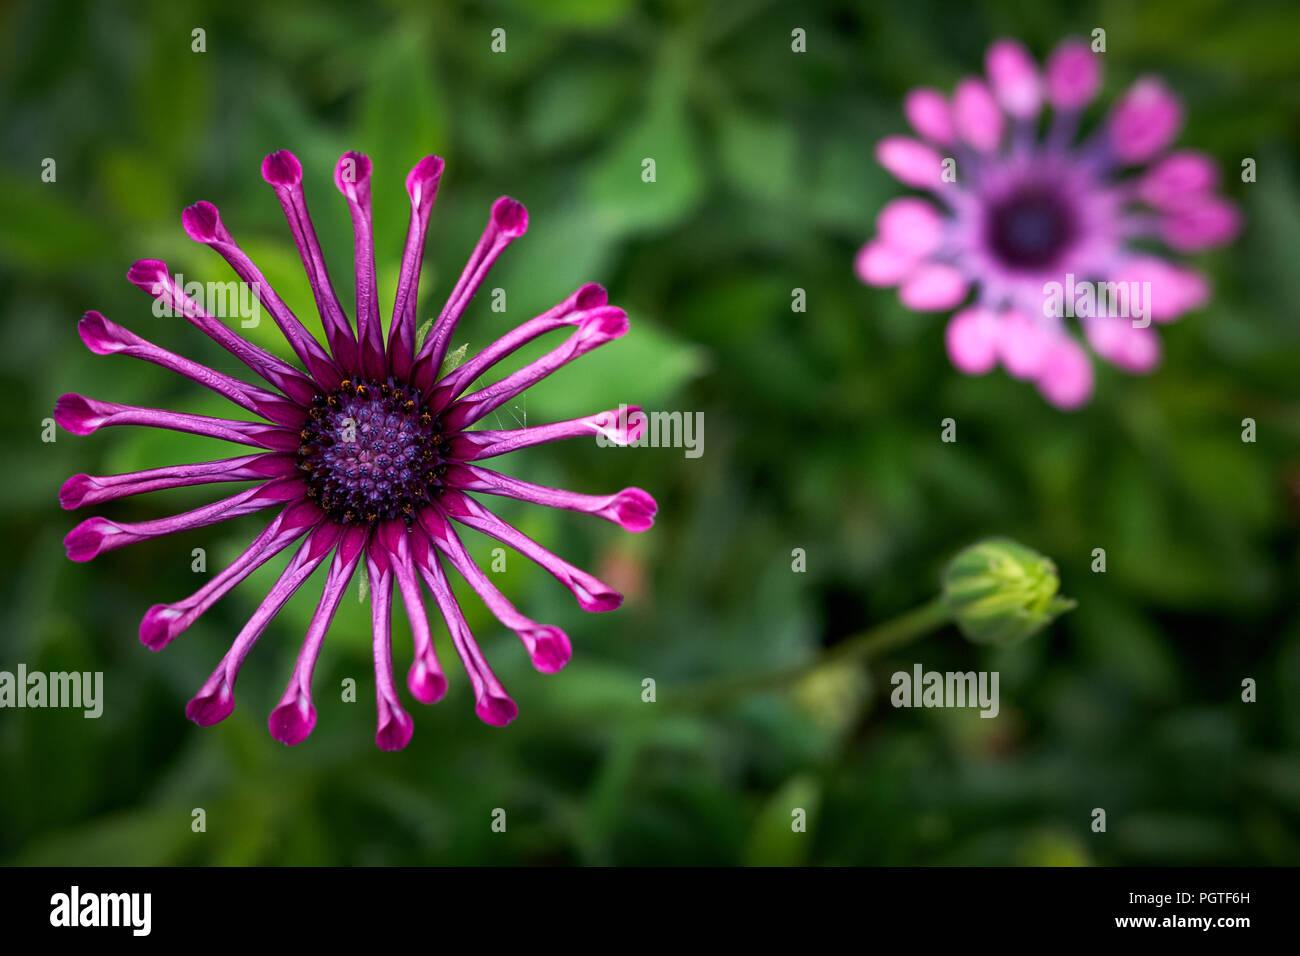 Spider lila osteospermum Blume in voller Blüte vor einem grünen Hintergrund Stockfoto